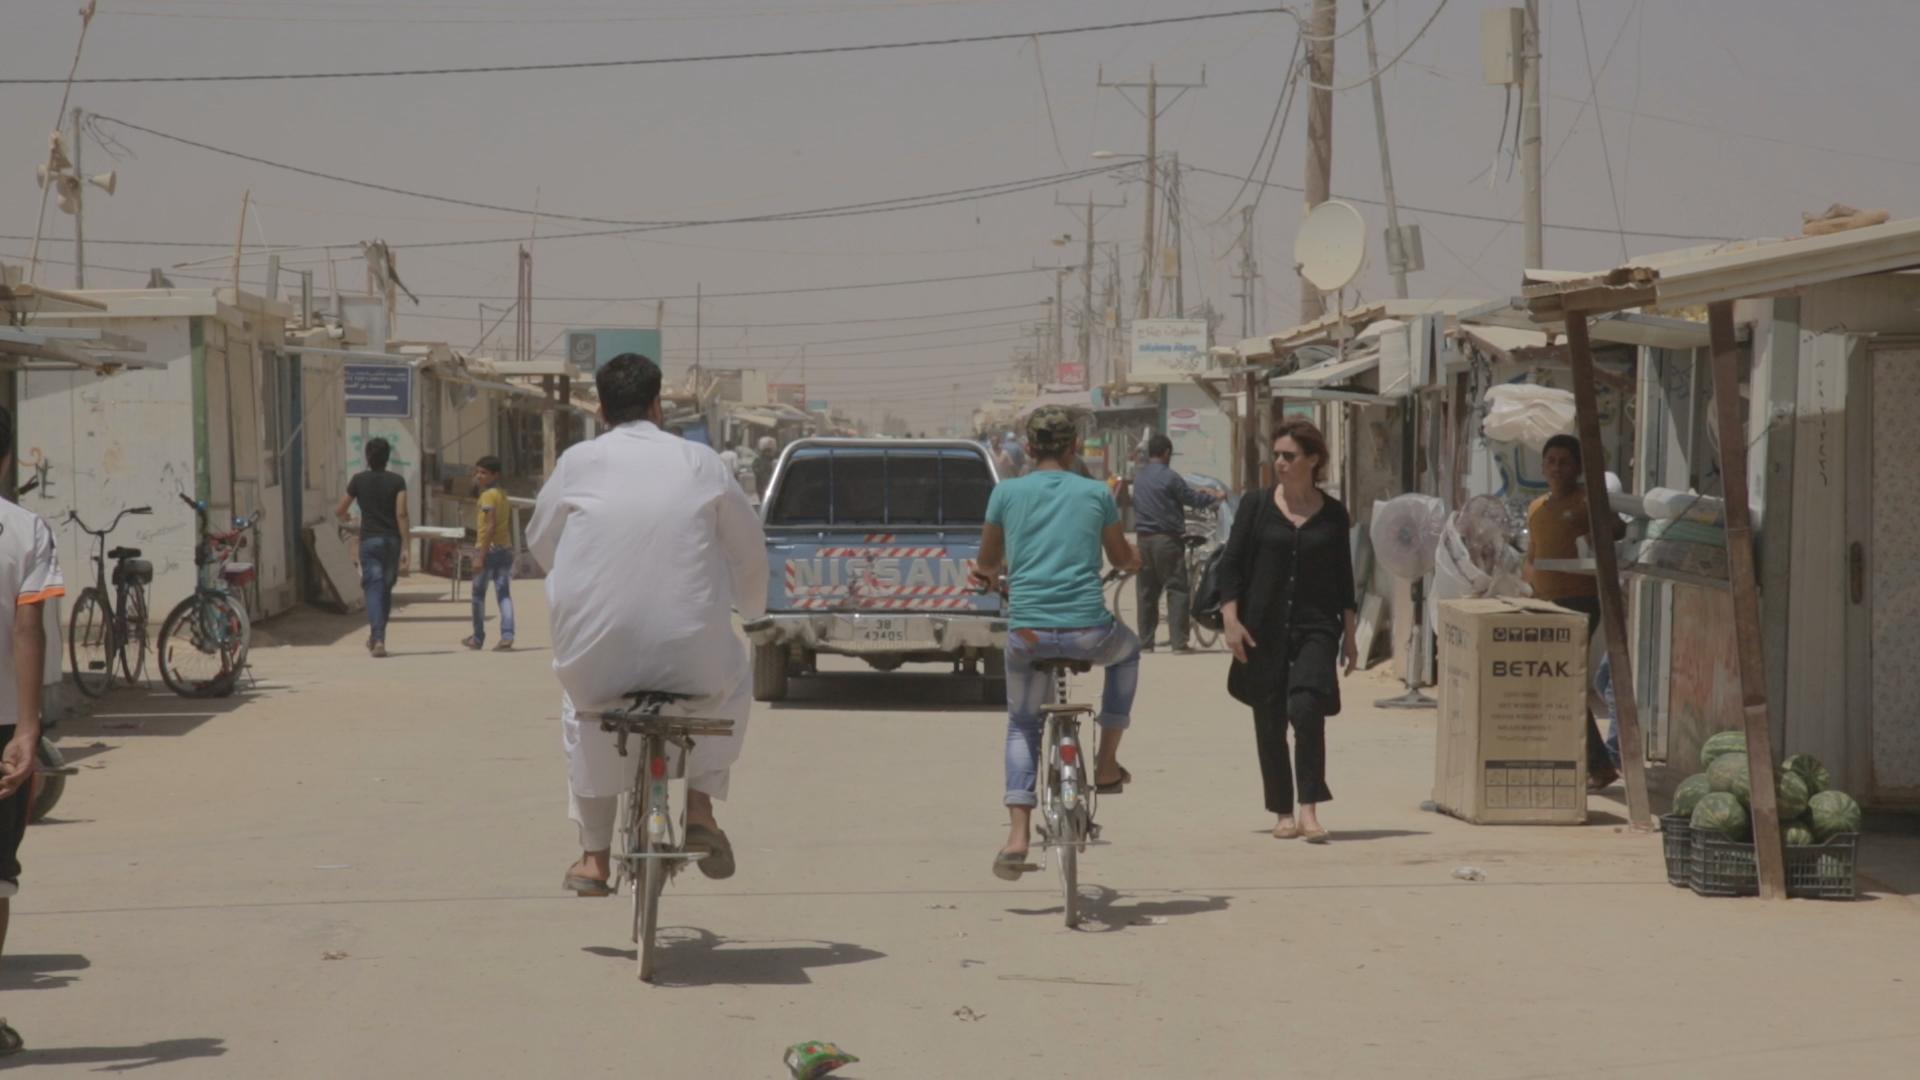 ΠΡΟΣΩΠΙΚΑ Ιορδανία προσφυγικός καταυλισμός Αλ Ζαάταρι